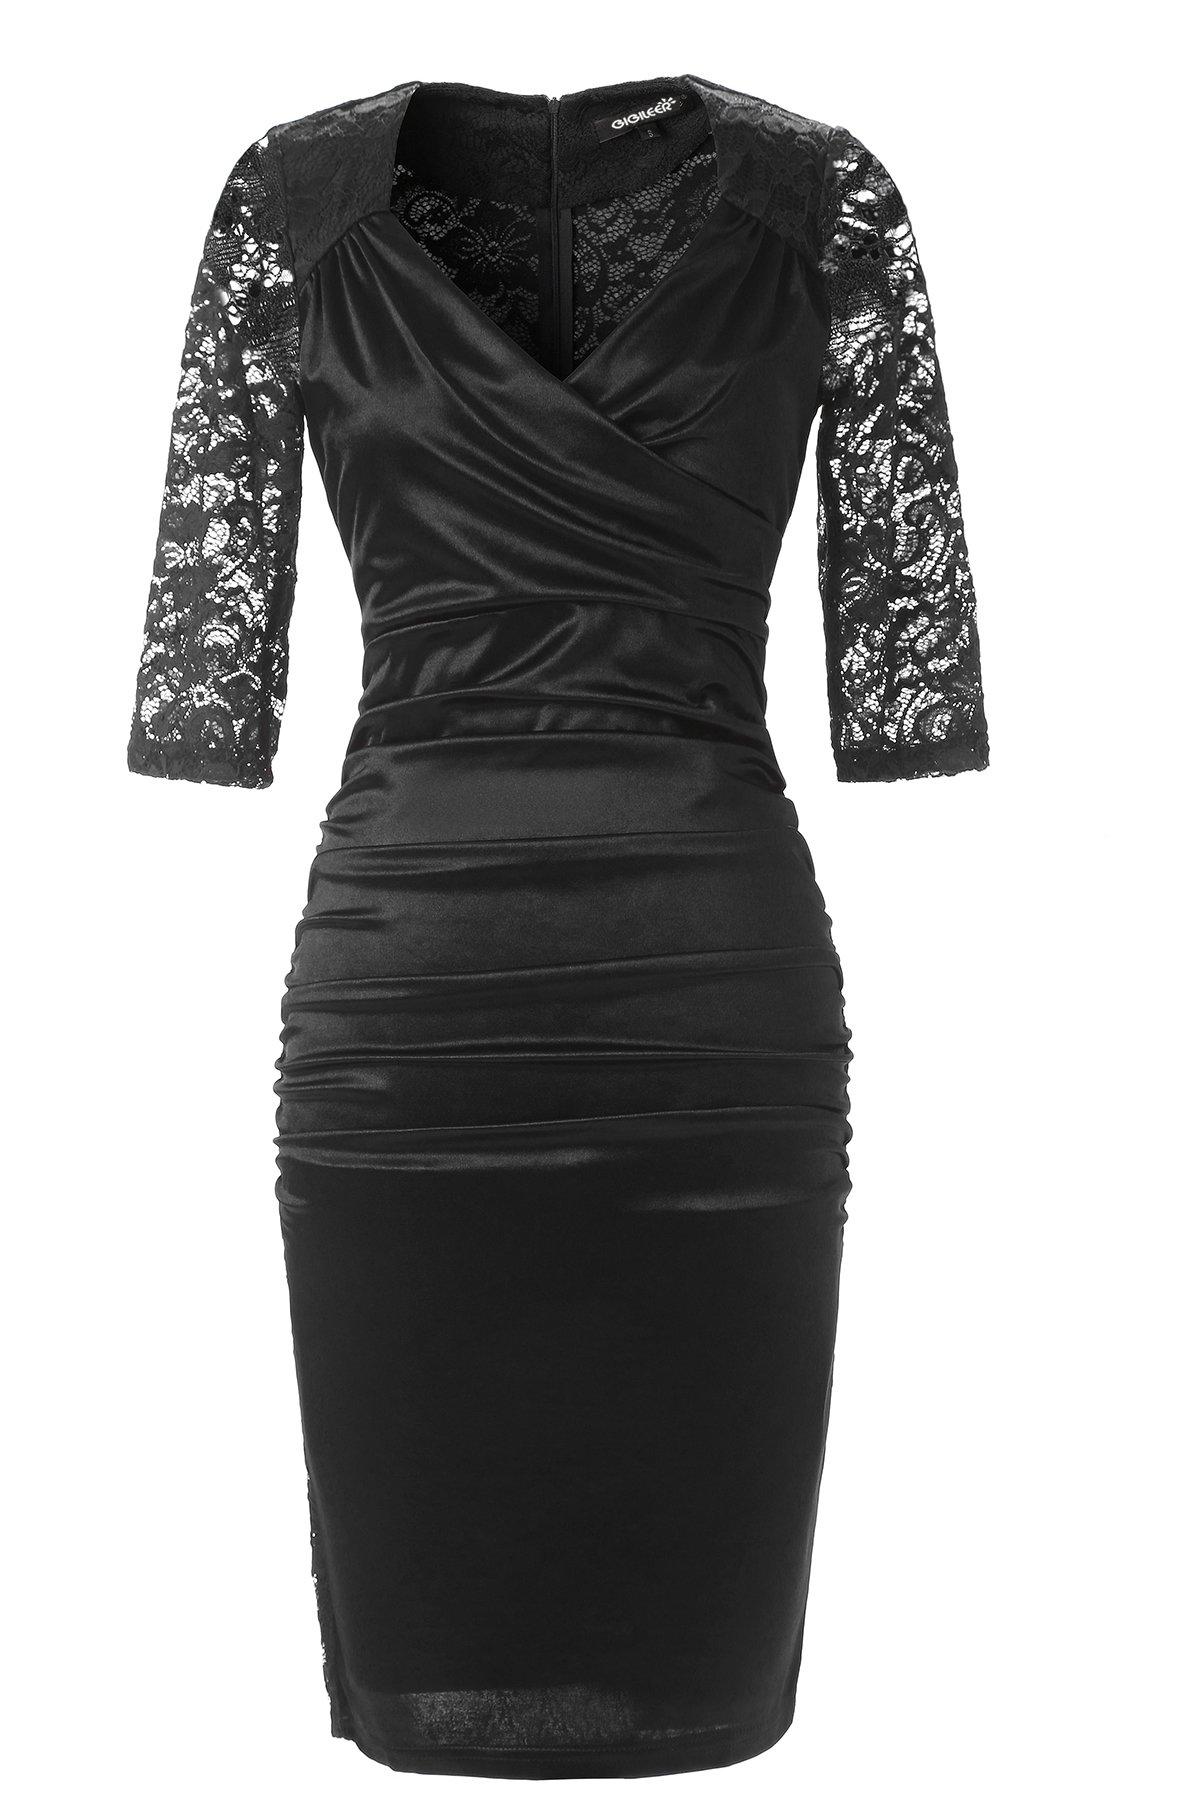 Schwarzes kleid mit schmetterlingen